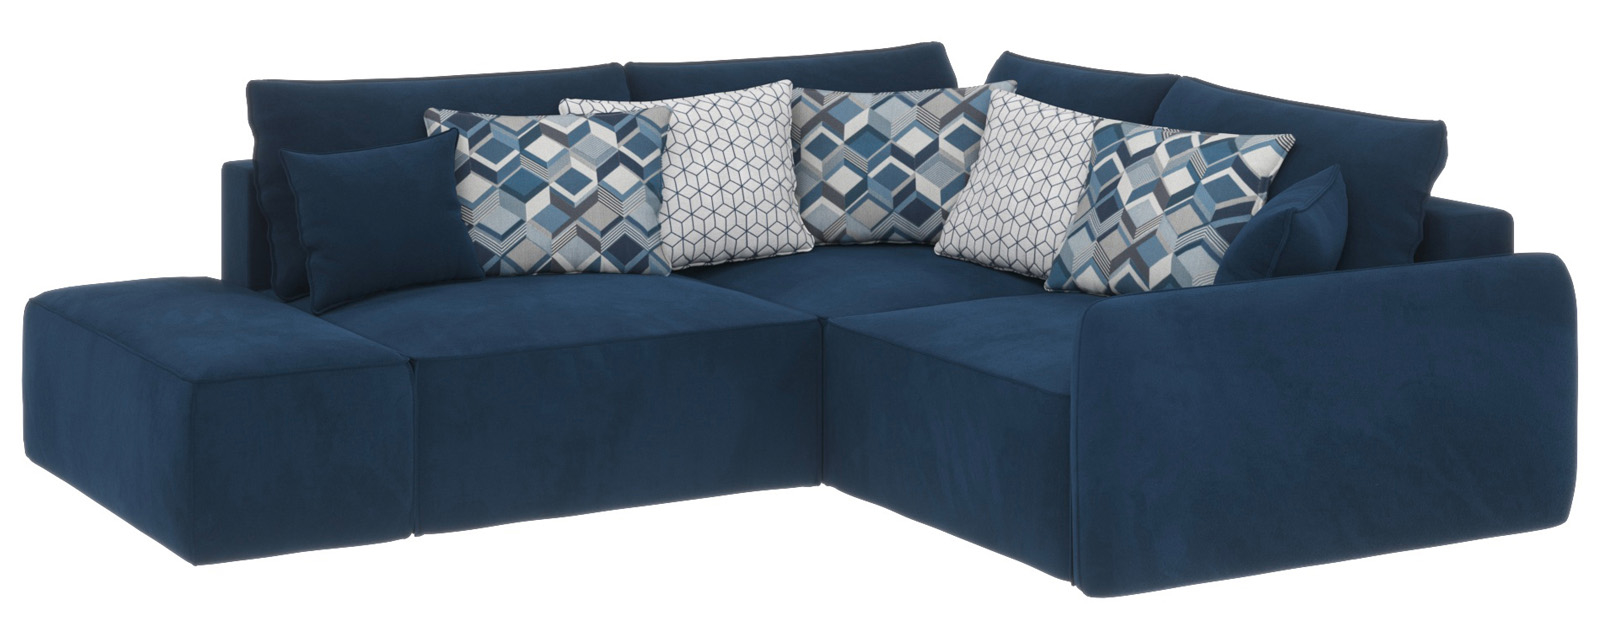 Купить Модульный диван Портленд вариант №1 Soft тёмно-синий (Вел-флок, правый), HomeMe, Тёмно-синий